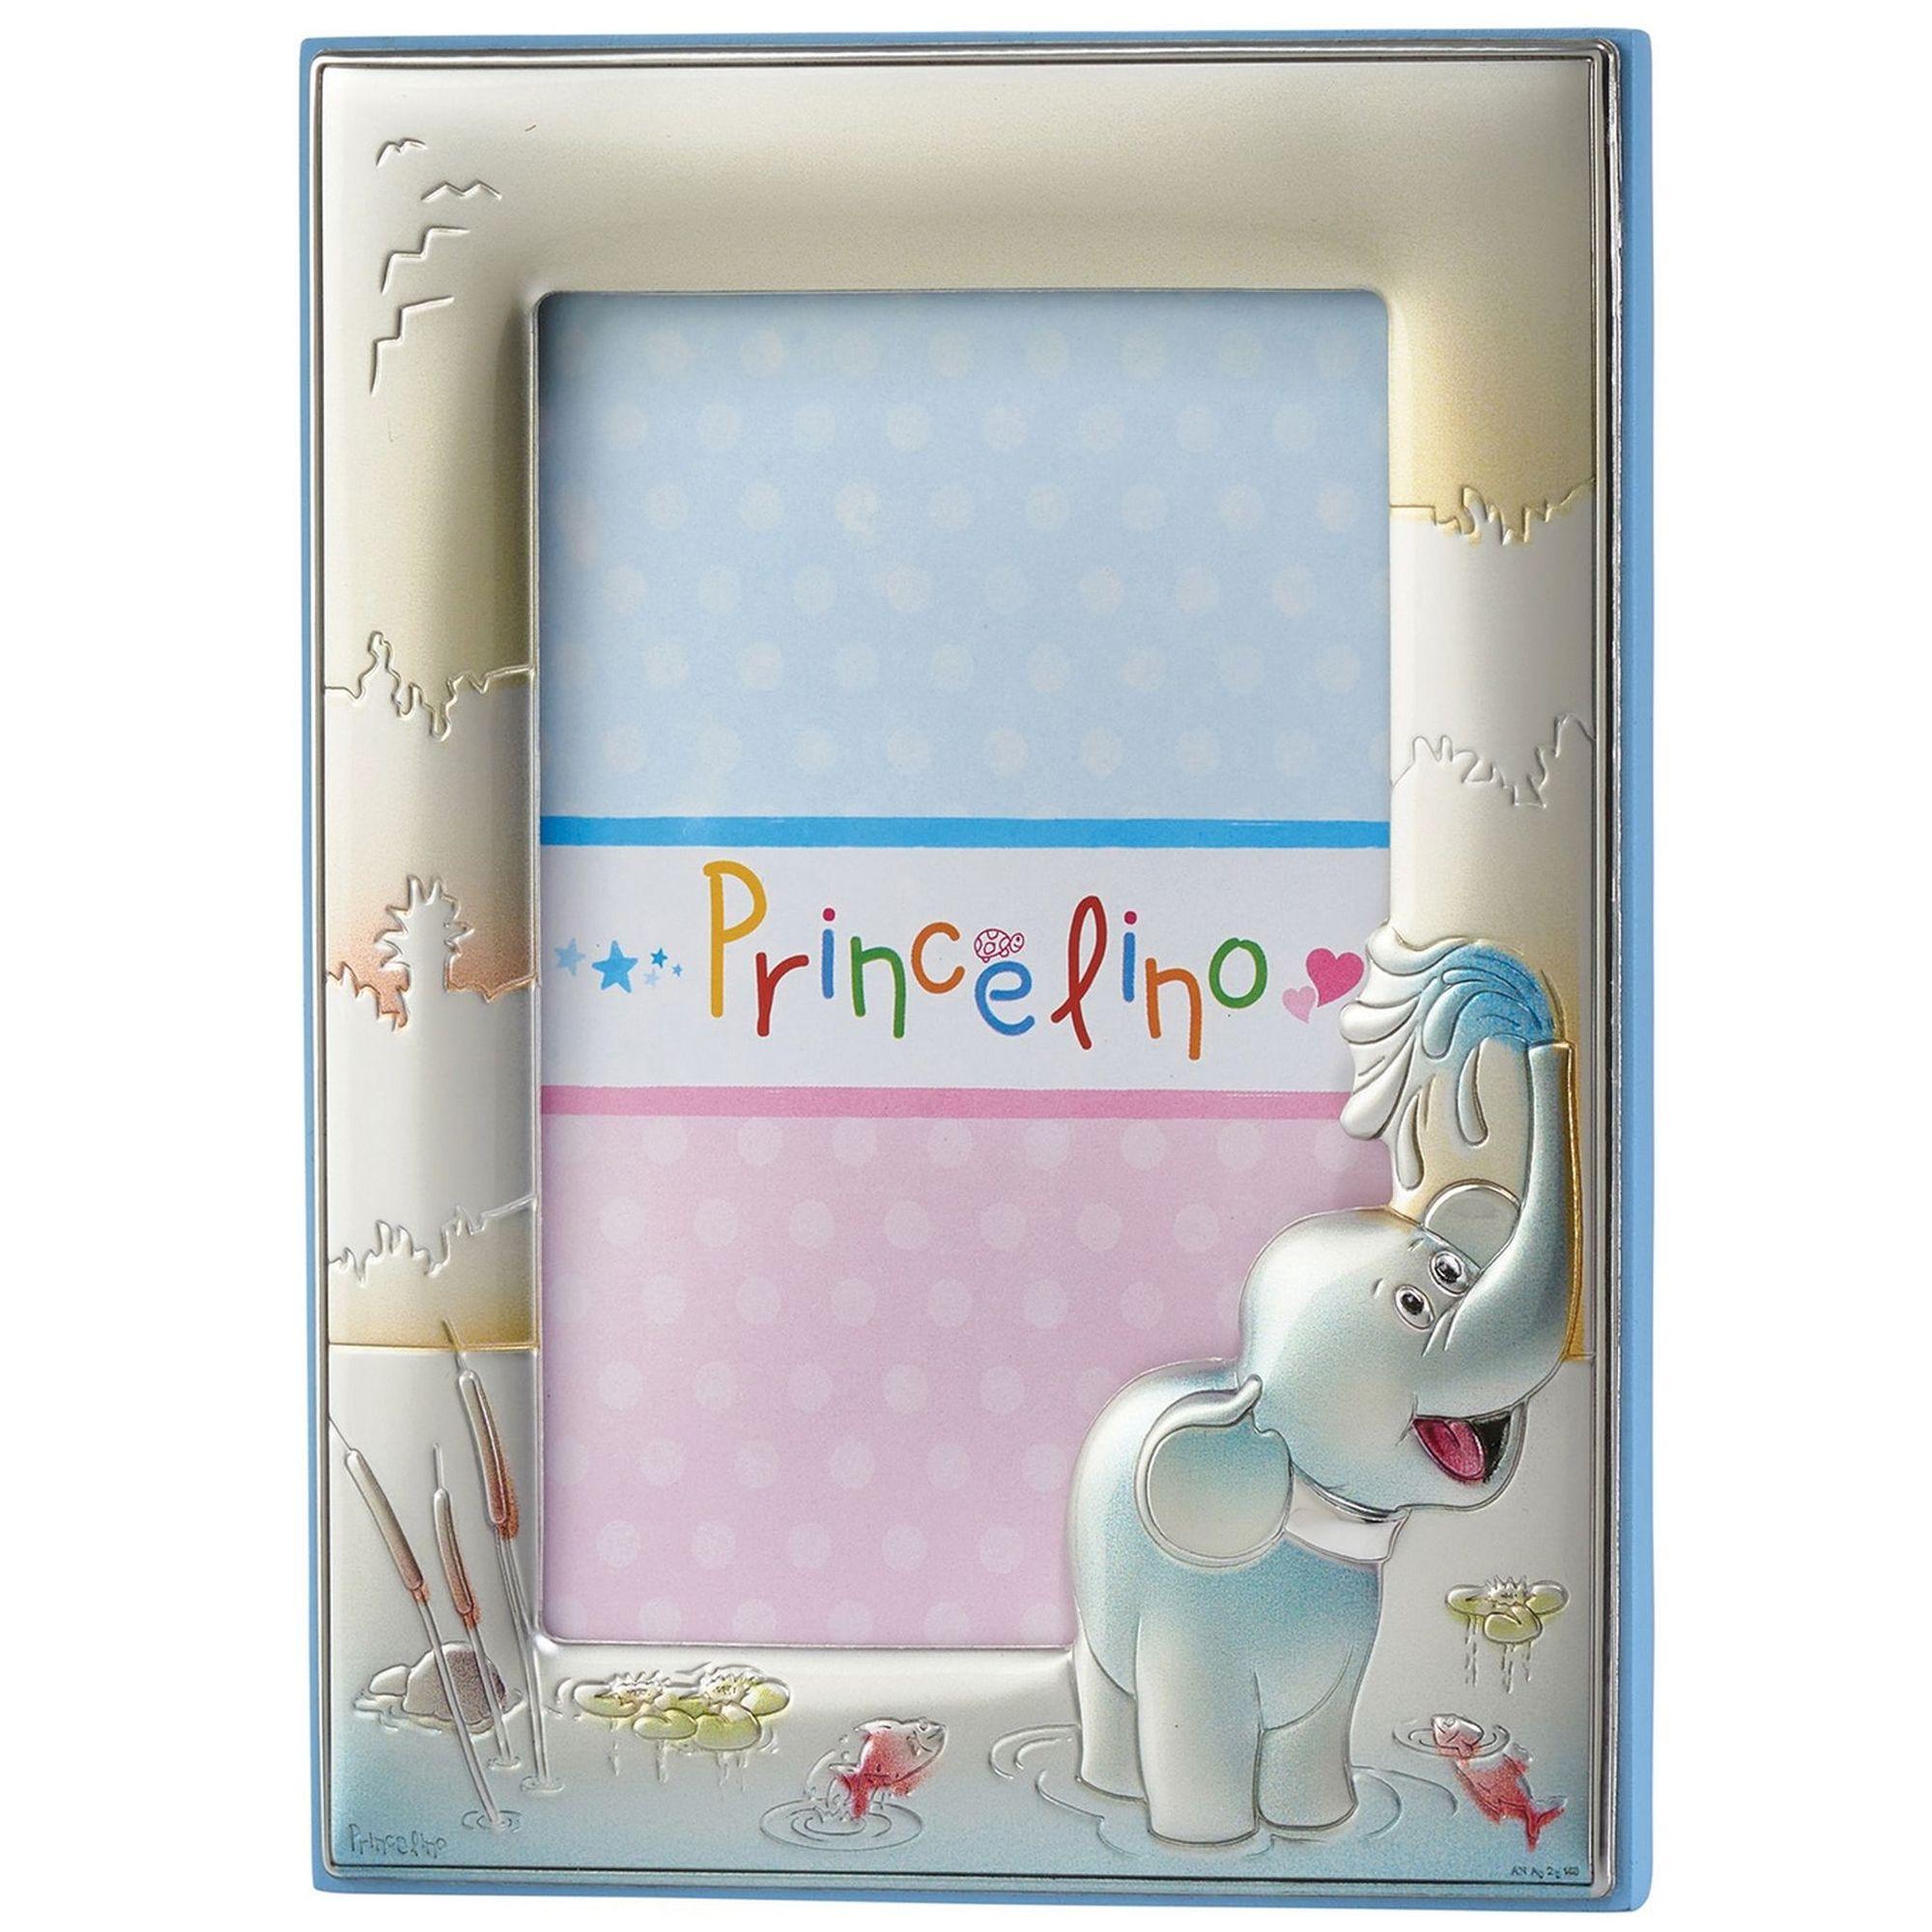 Παιδικές Εικόνες Princesilvero, Princesilvero, Ασημένιες Εικόνες Princesilvero, Δωρεάν μεταφορικά, Άμεση Διαθεσιμότητα